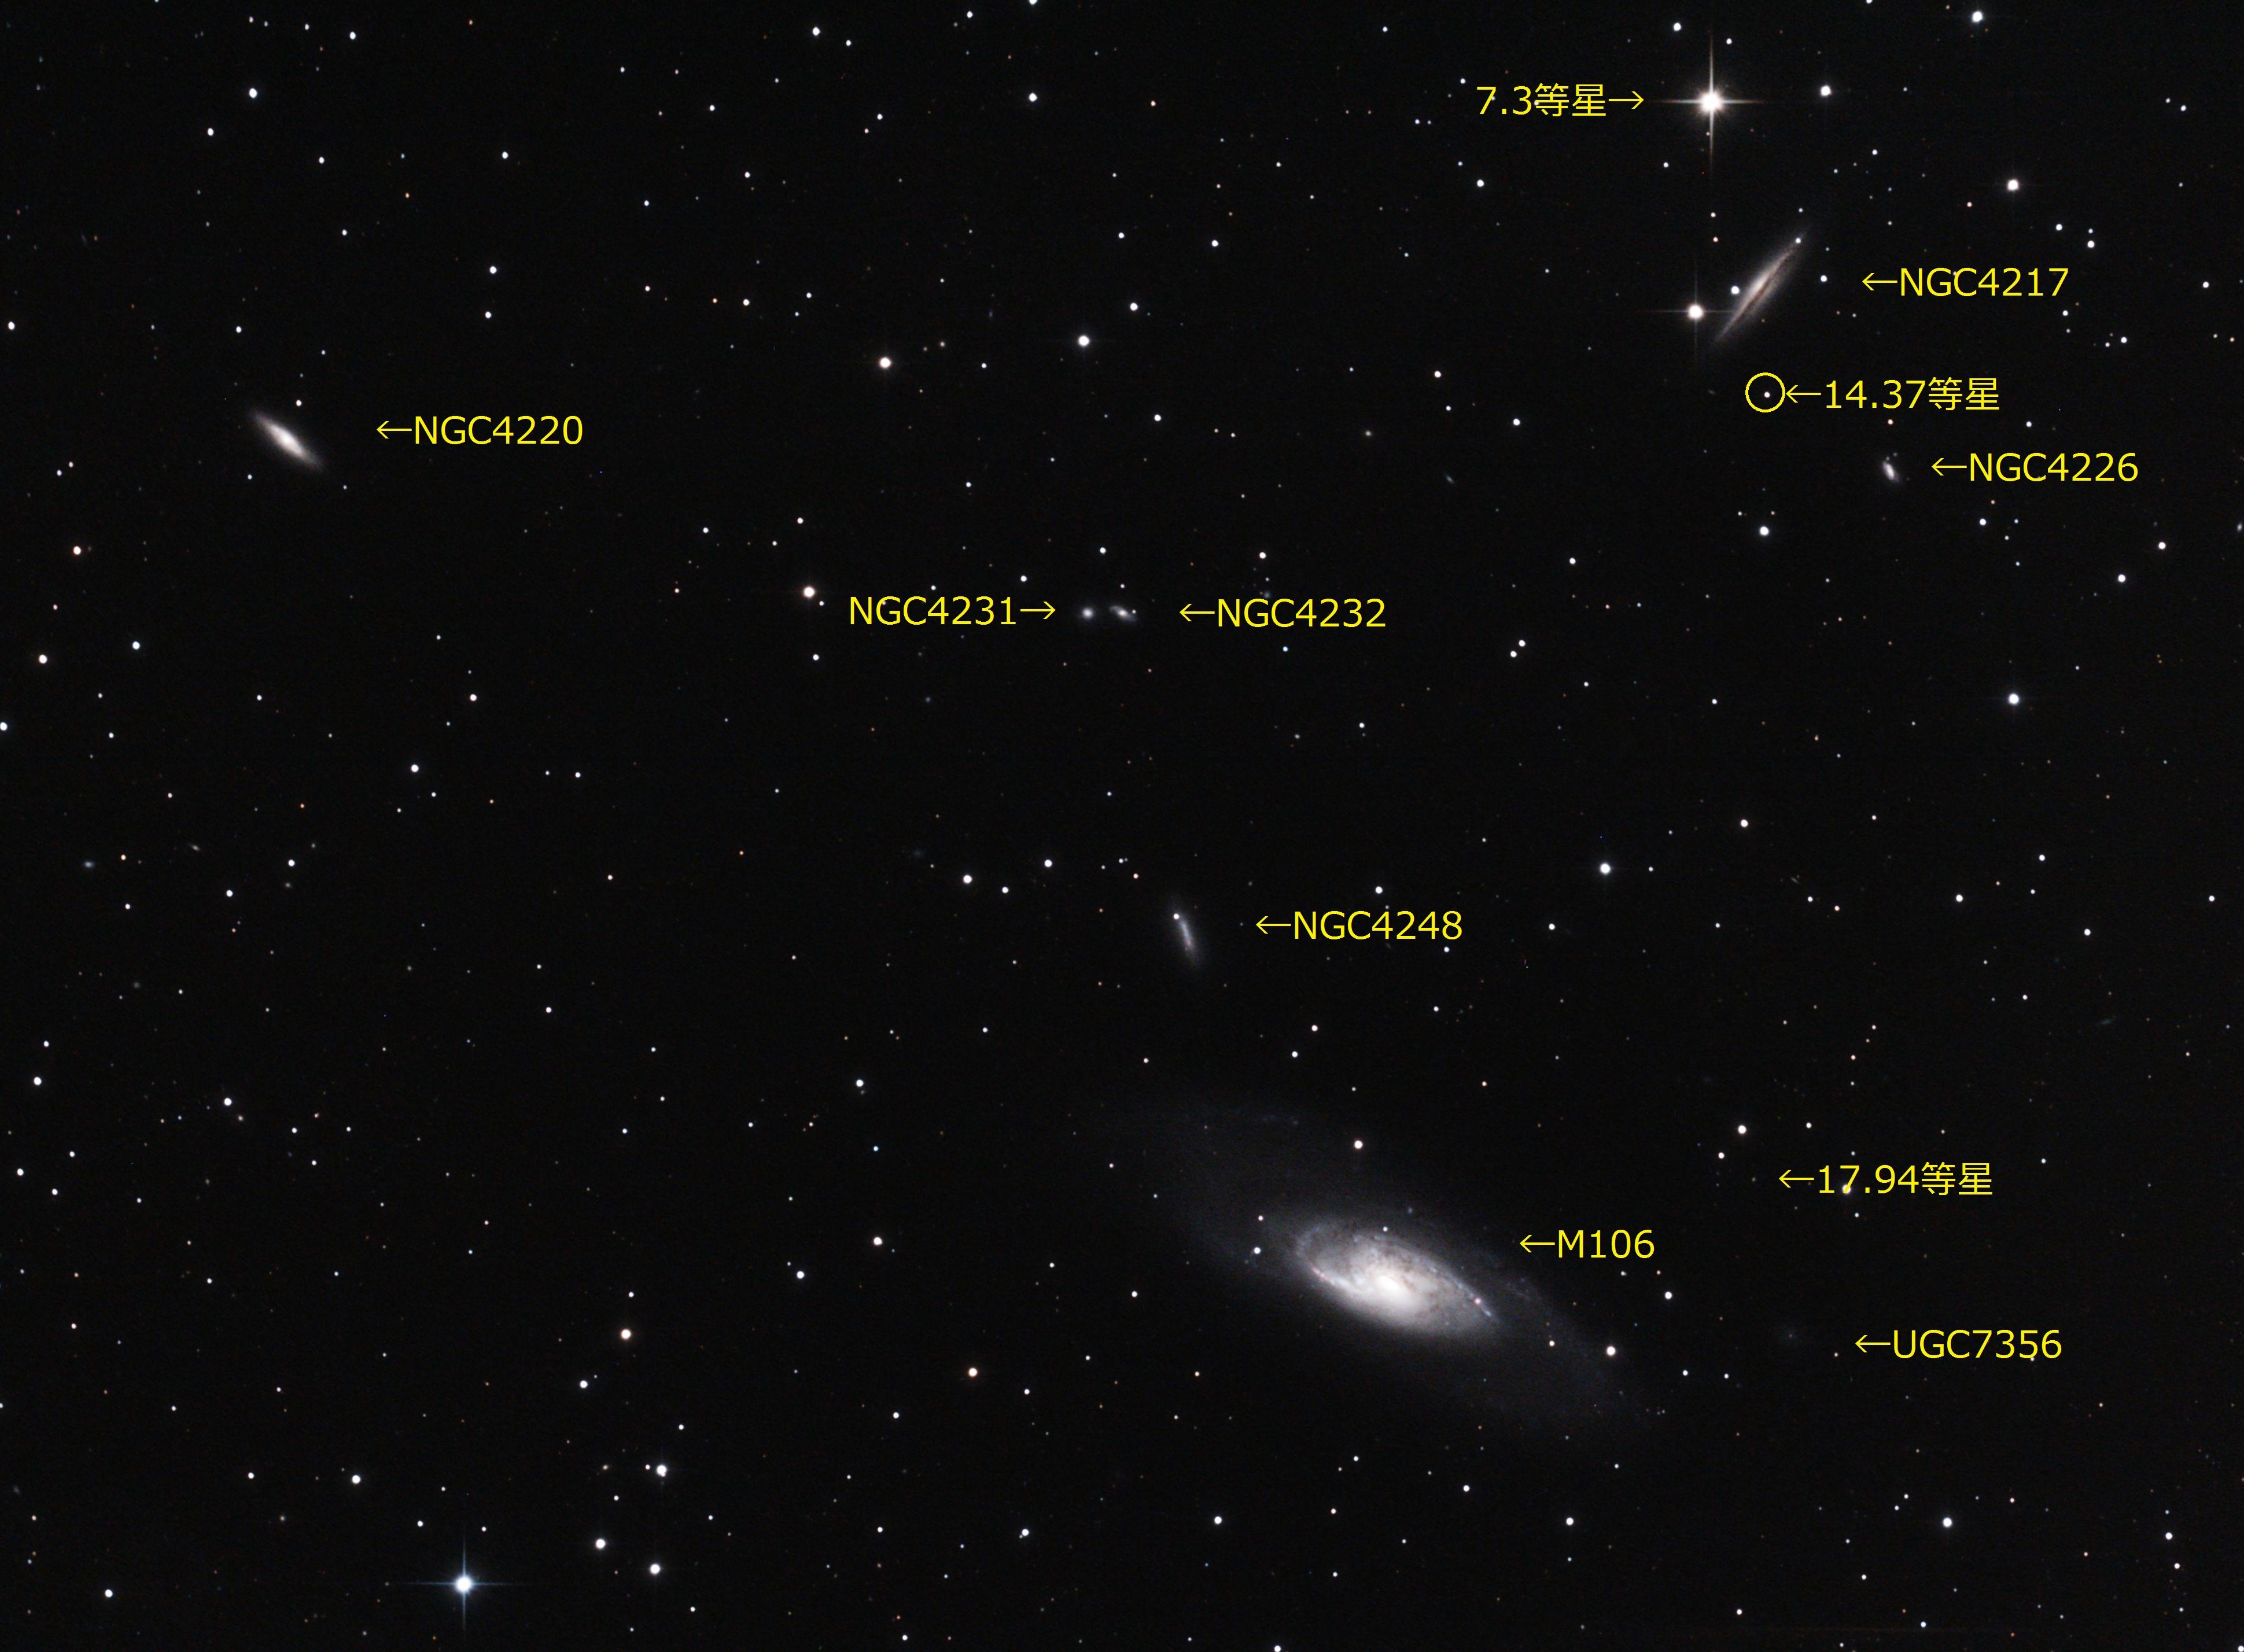 m106付近銀河名称